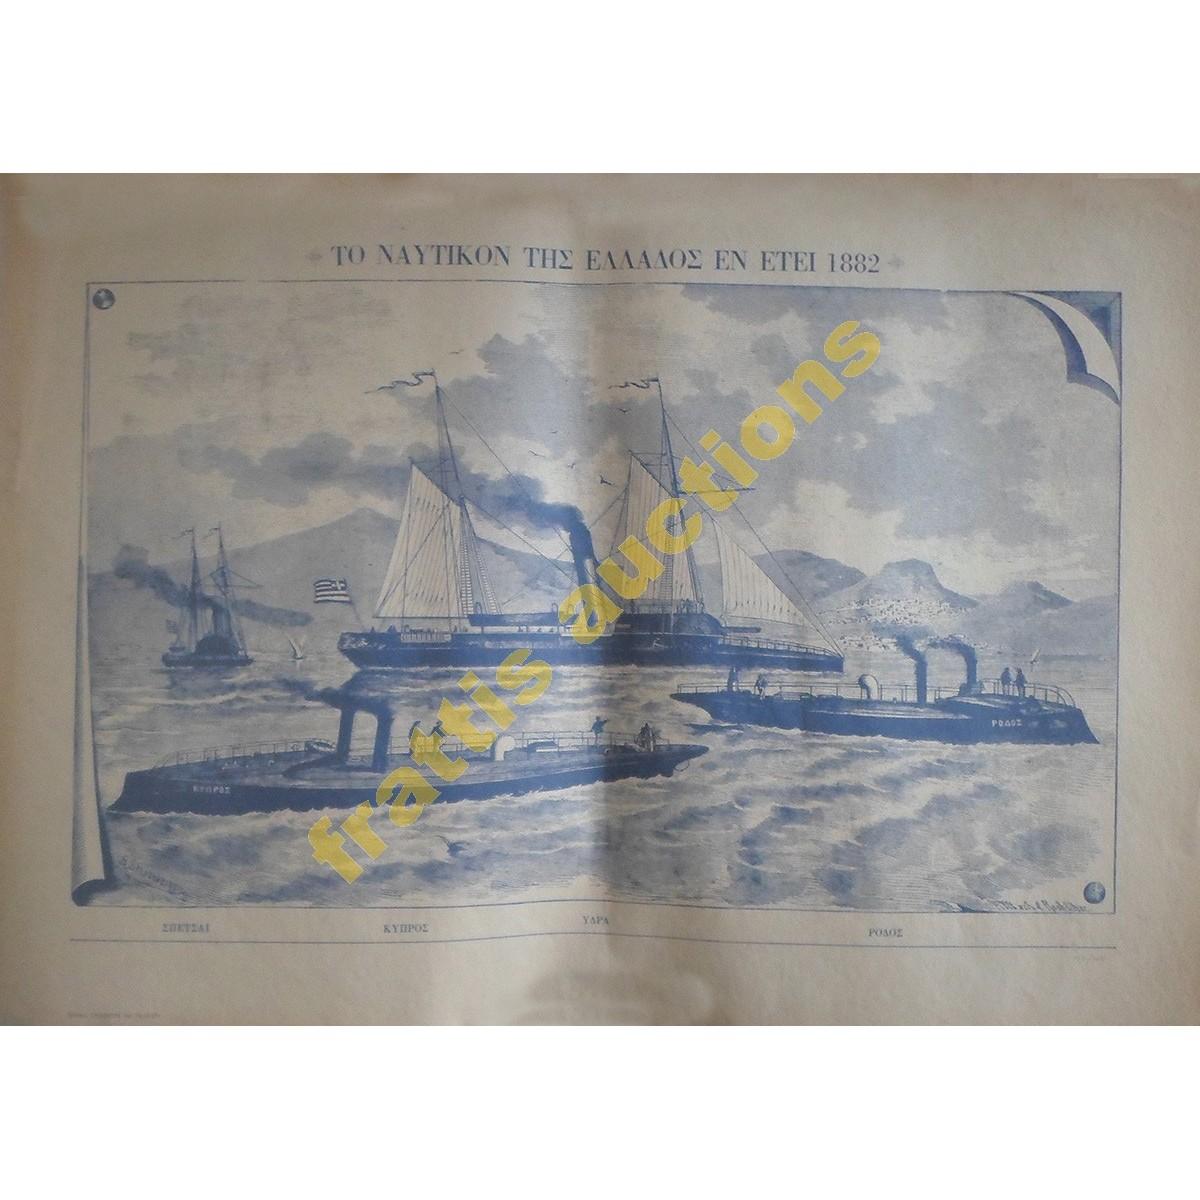 Το Ναυτικόν της Ελλάδος εν έτει 1882. Εκδόσεις ΣΥΛΛΕΚΤΗΣ 1970 'ς